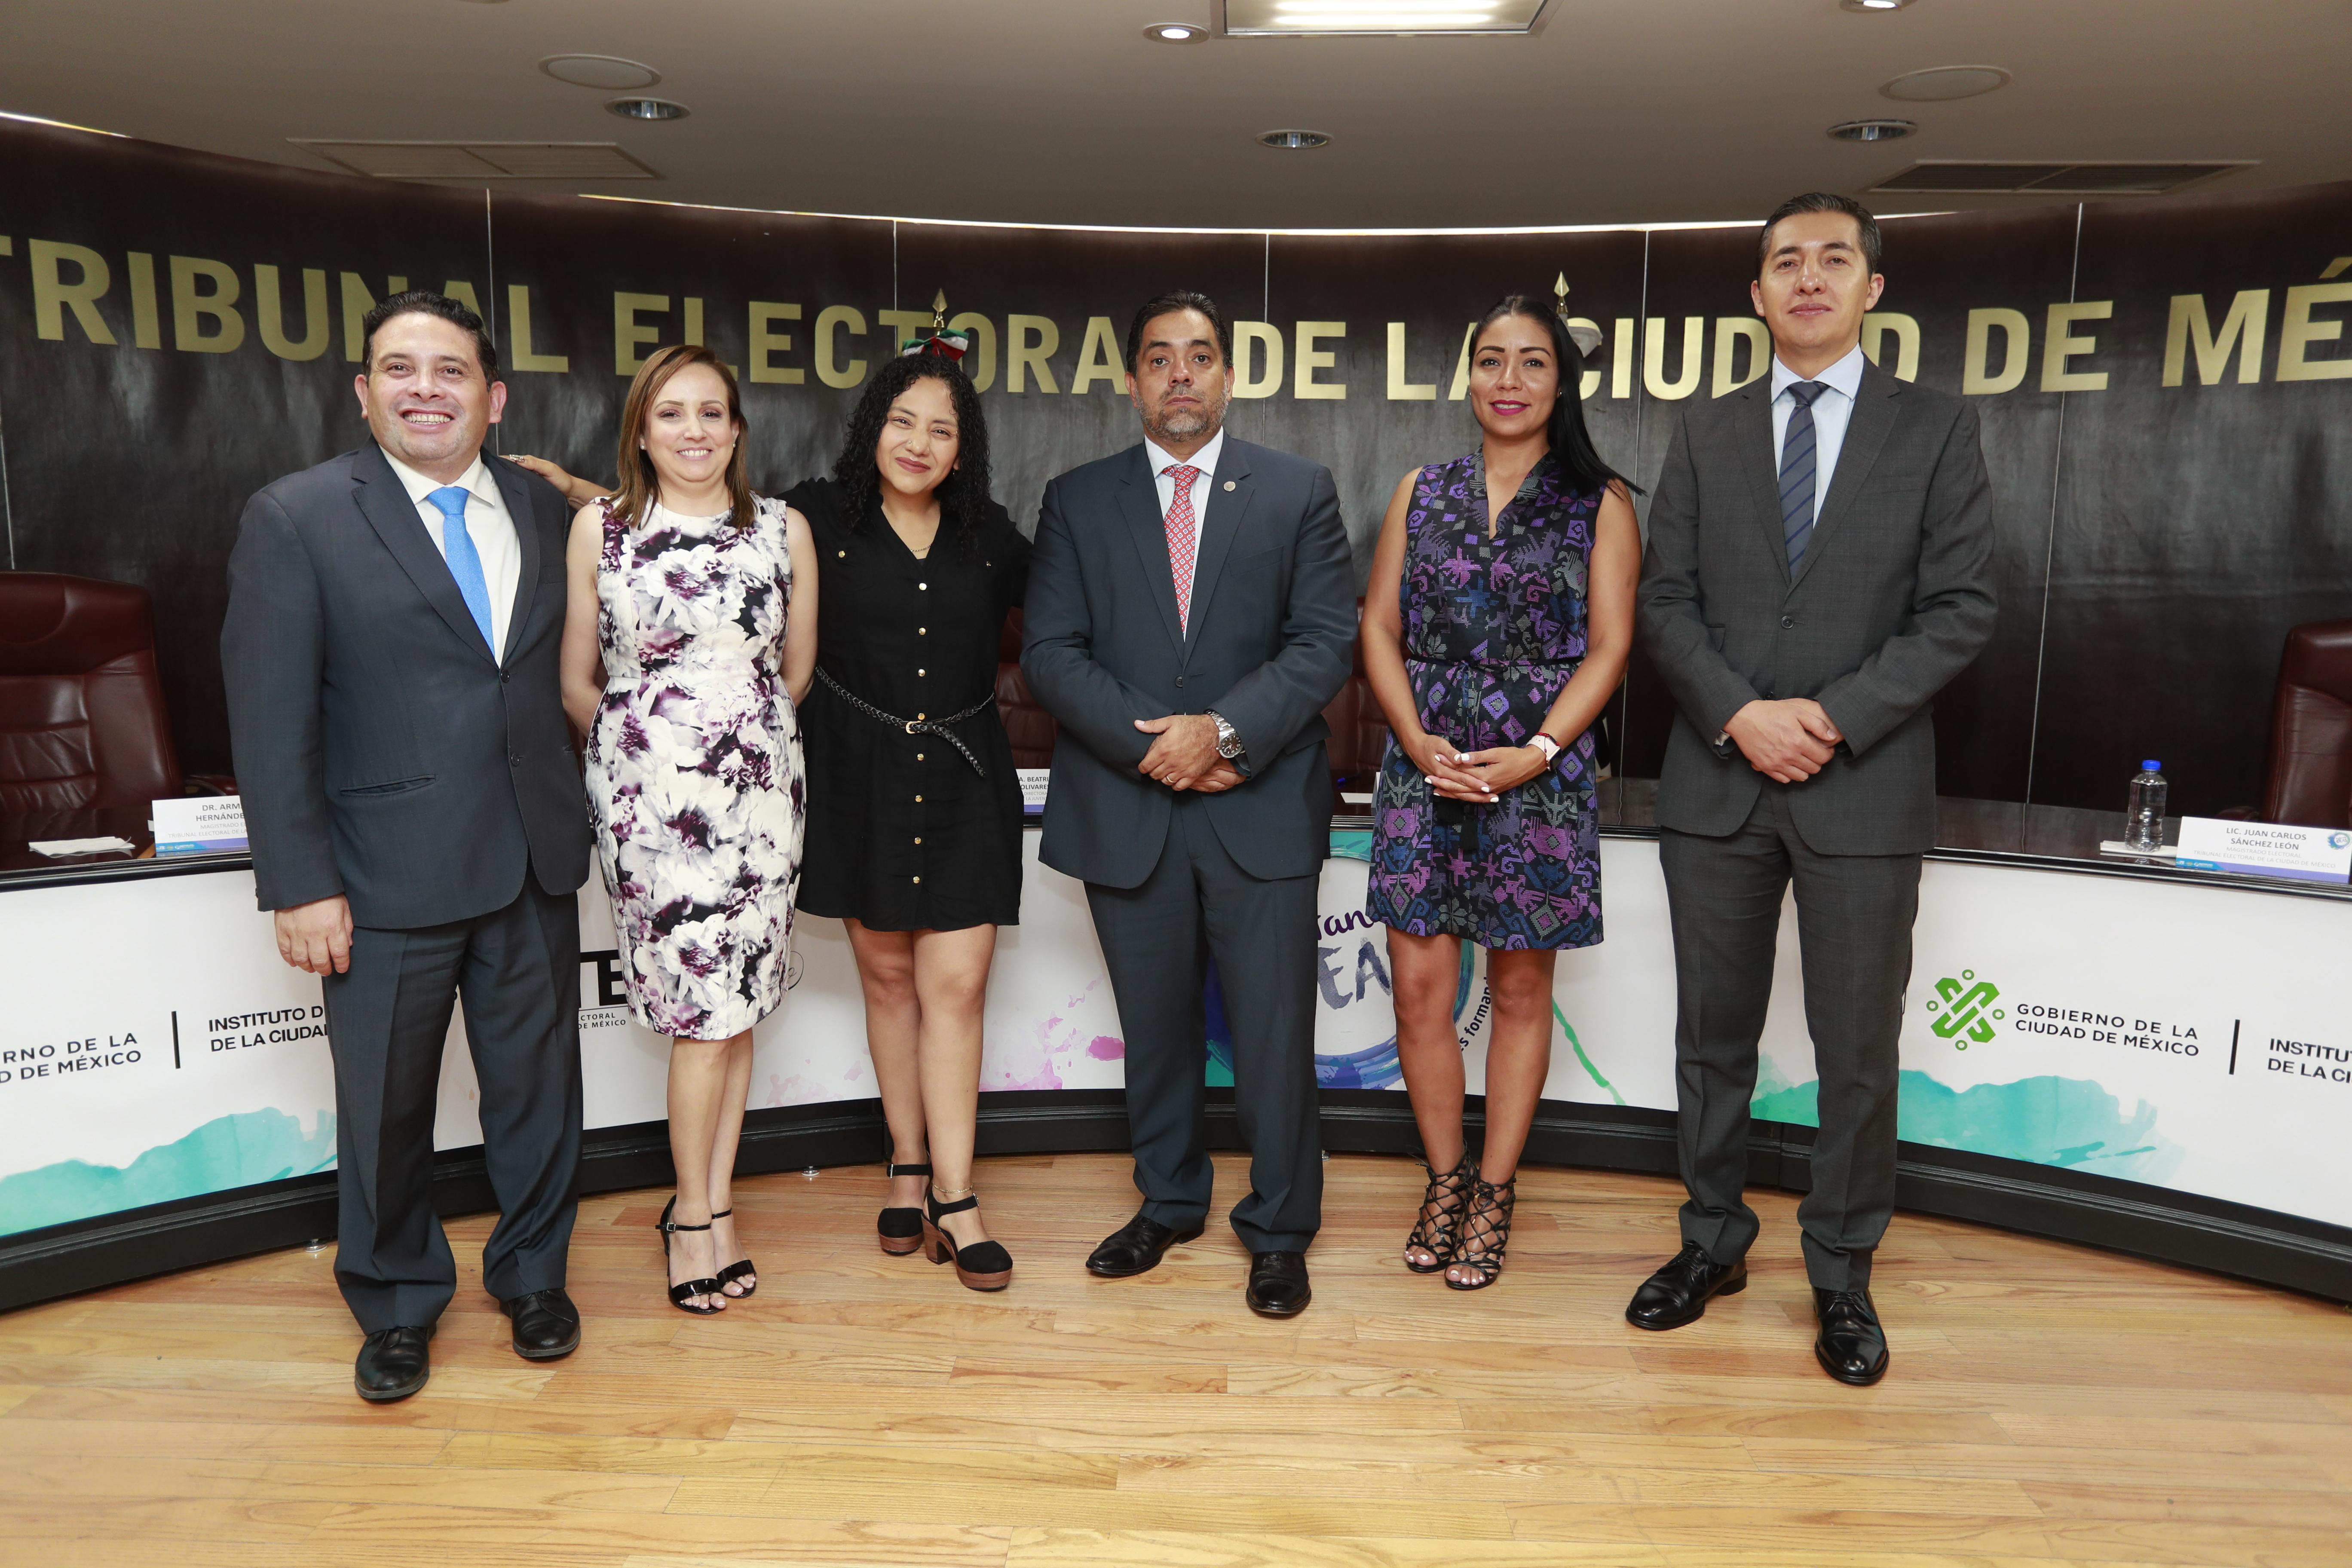 Arranca programa para fomentar la participación política de jóvenes